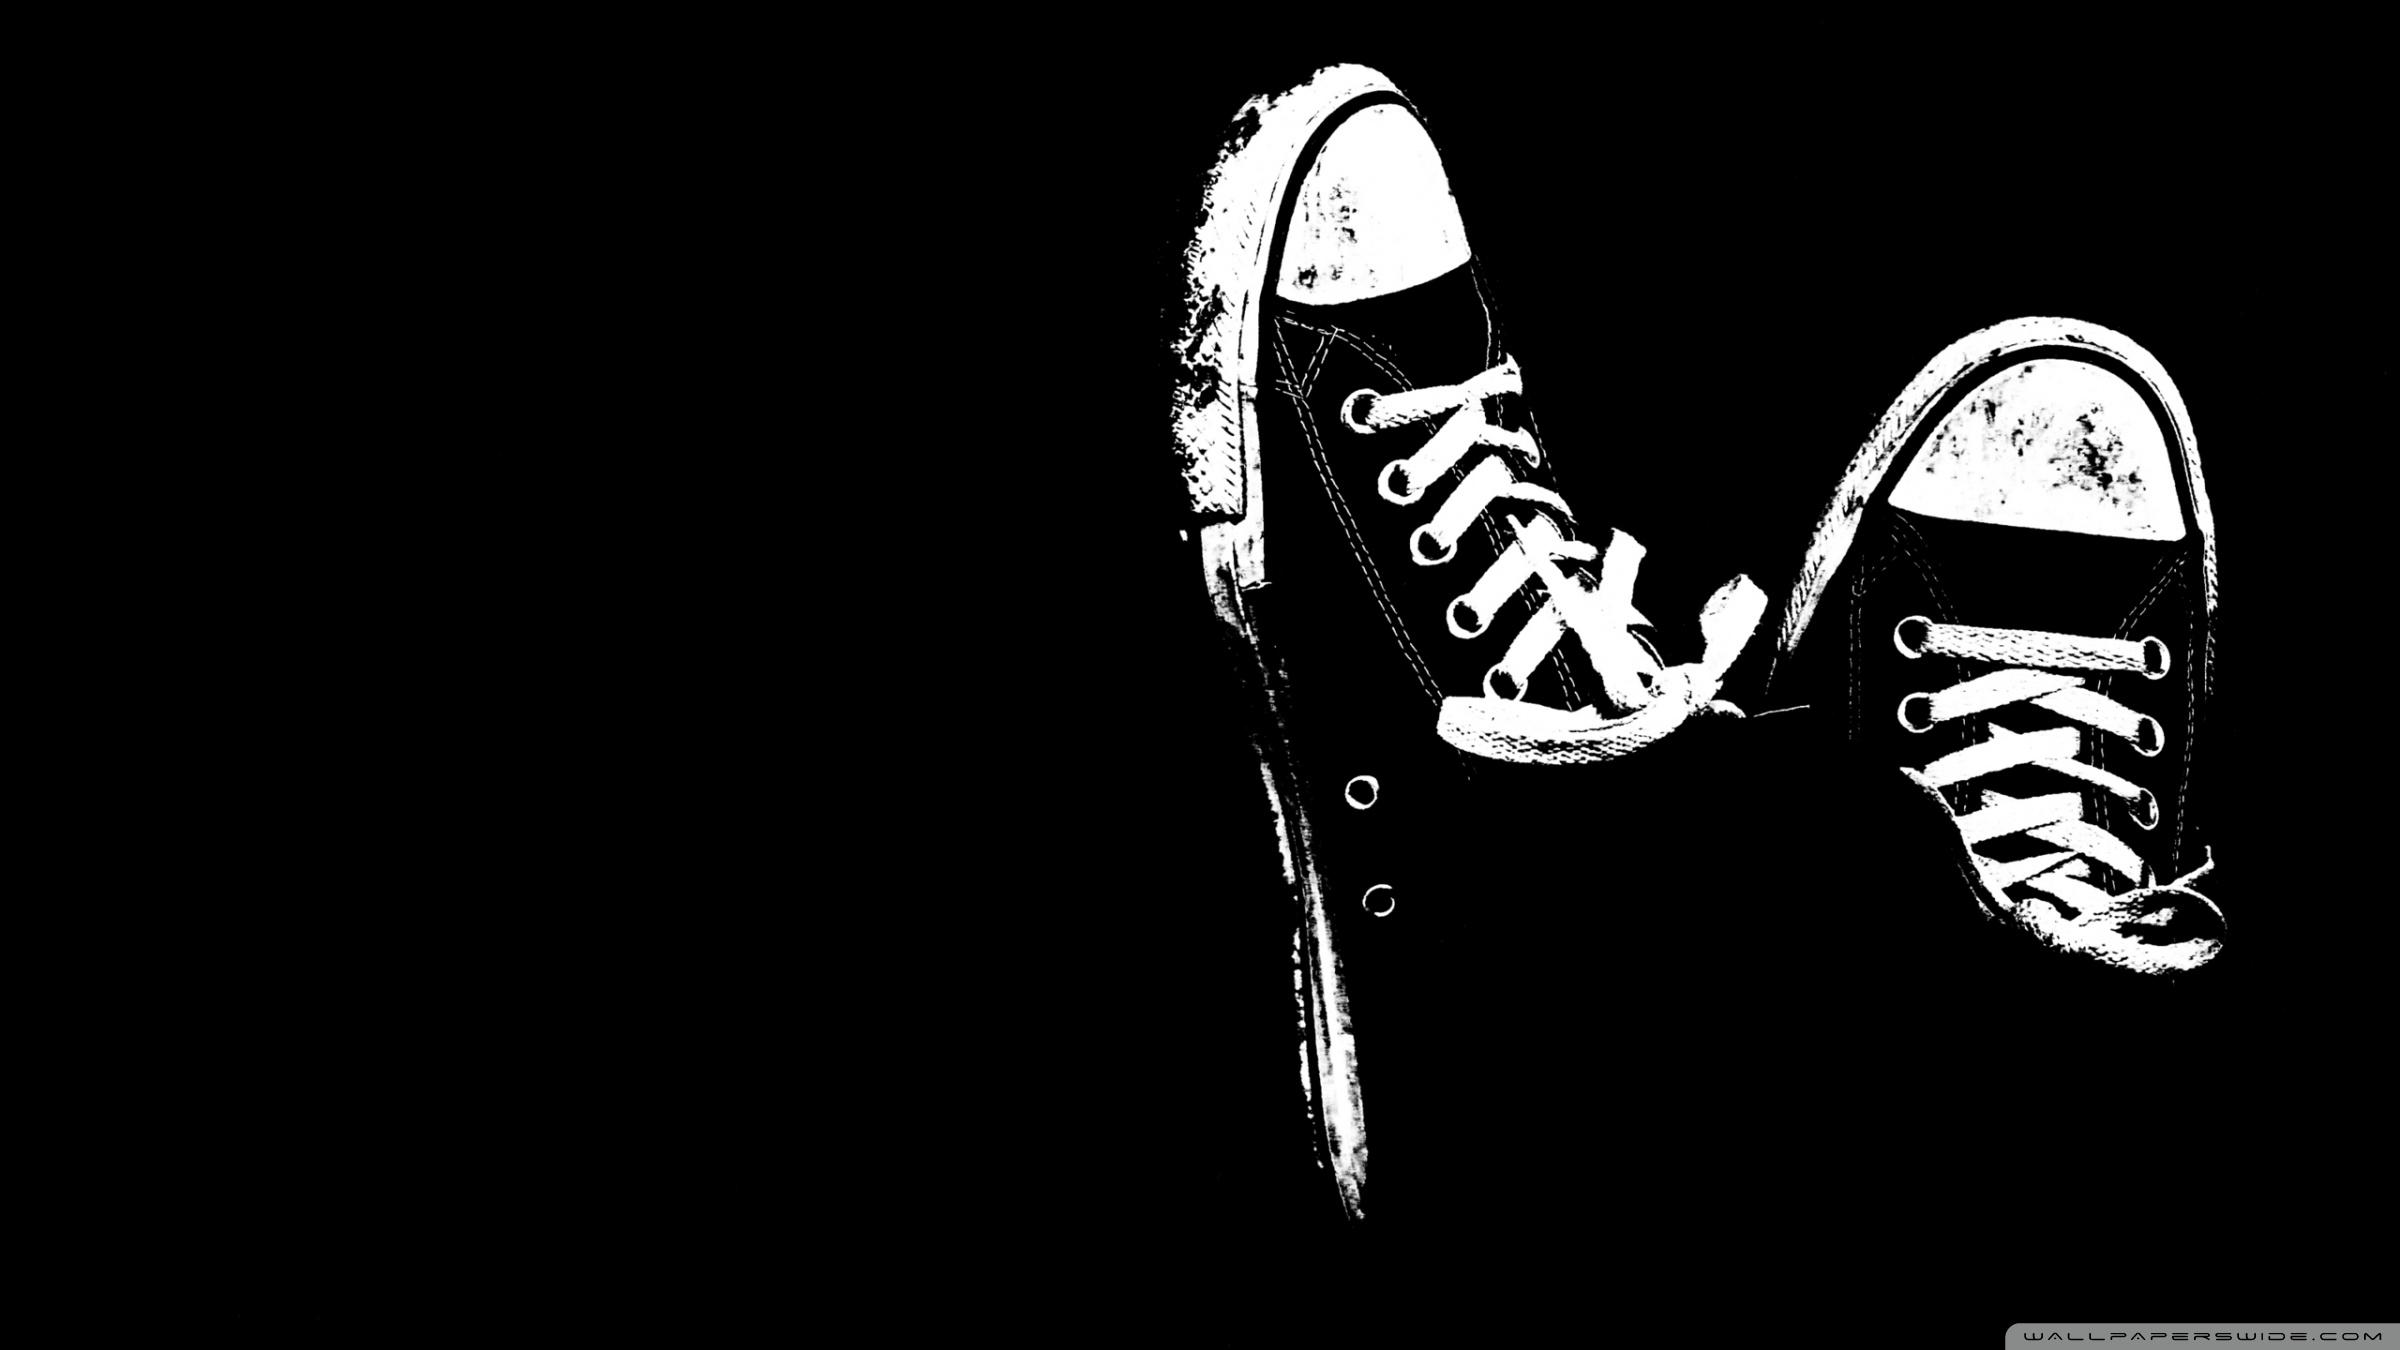 Sneaker wallpaper